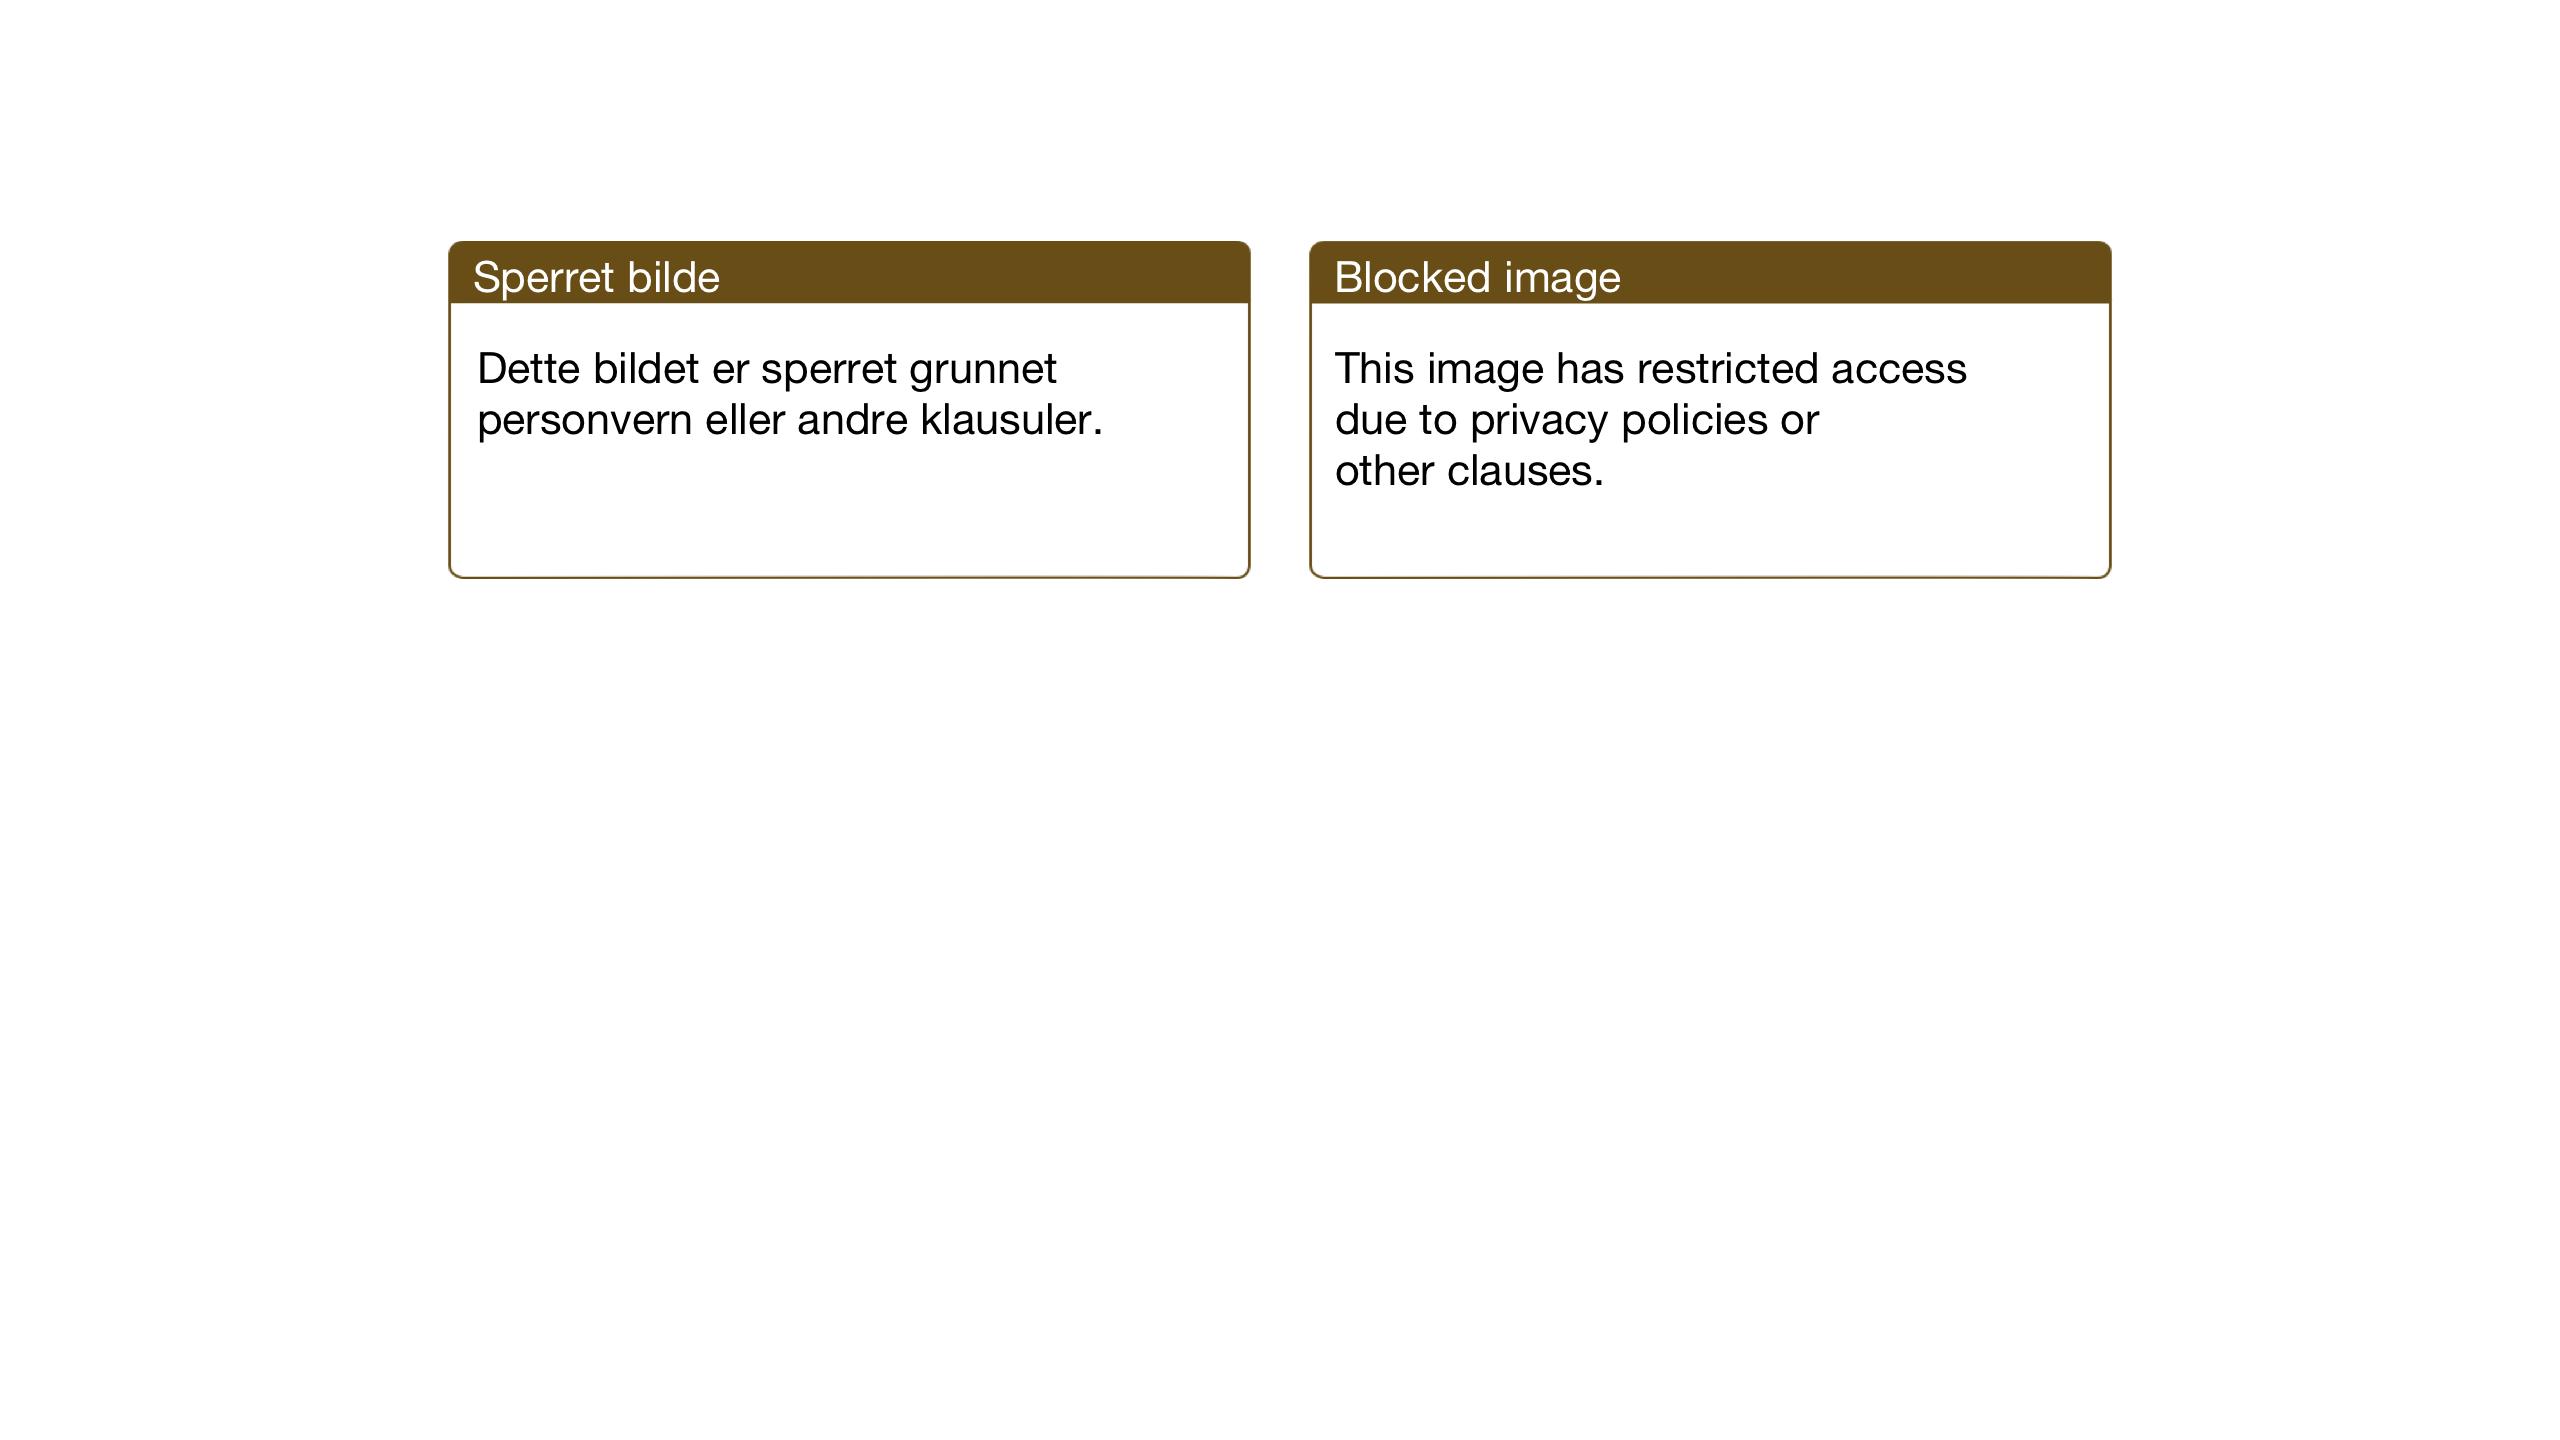 SAT, Ministerialprotokoller, klokkerbøker og fødselsregistre - Nord-Trøndelag, 731/L0312: Klokkerbok nr. 731C03, 1911-1935, s. 42